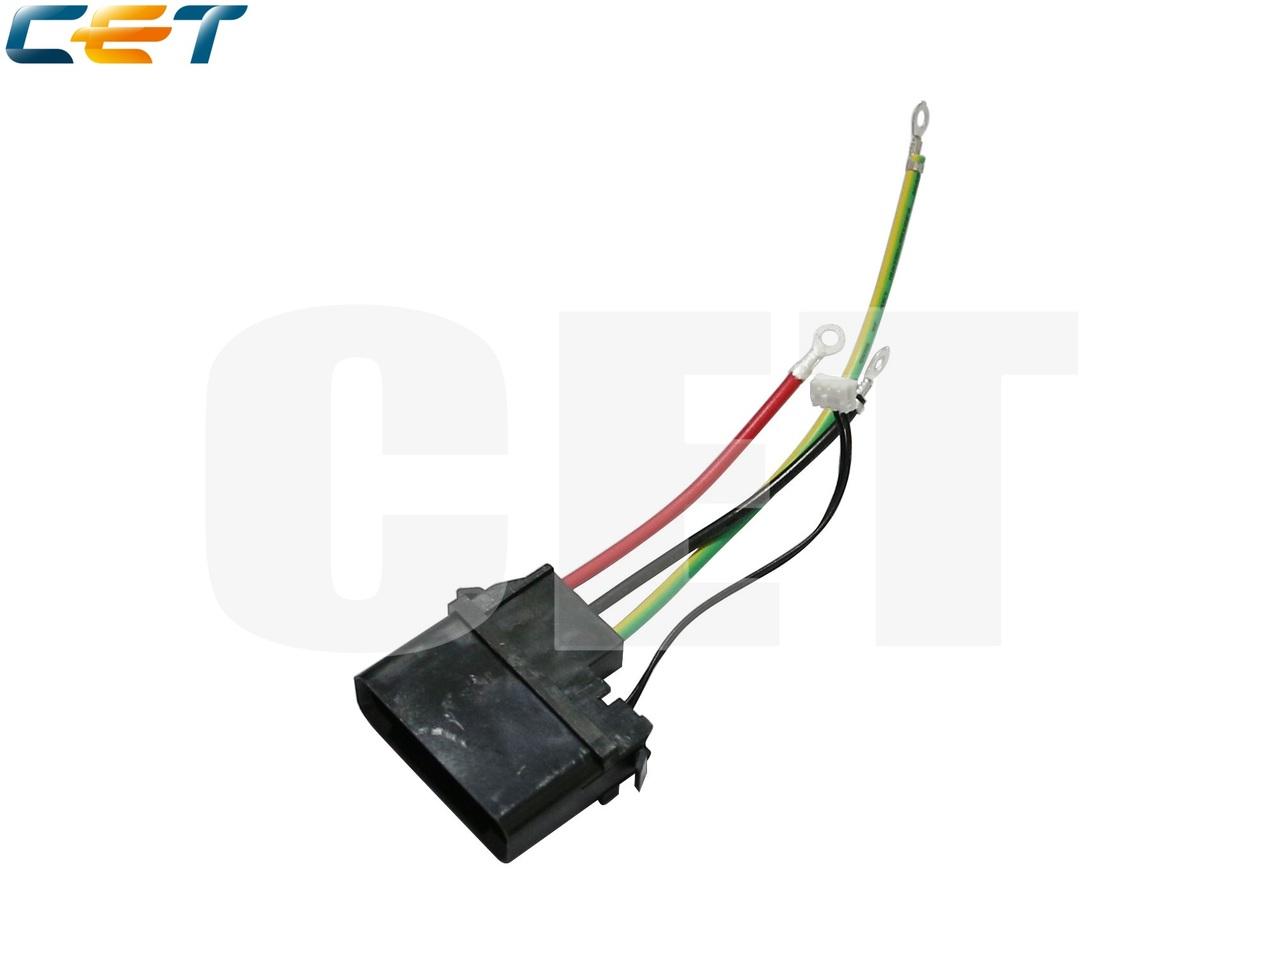 Высоковольтный кабель фьюзера RG5-5698-000 для HPLaserJet 9000/9040/9050 (CET), CET4690